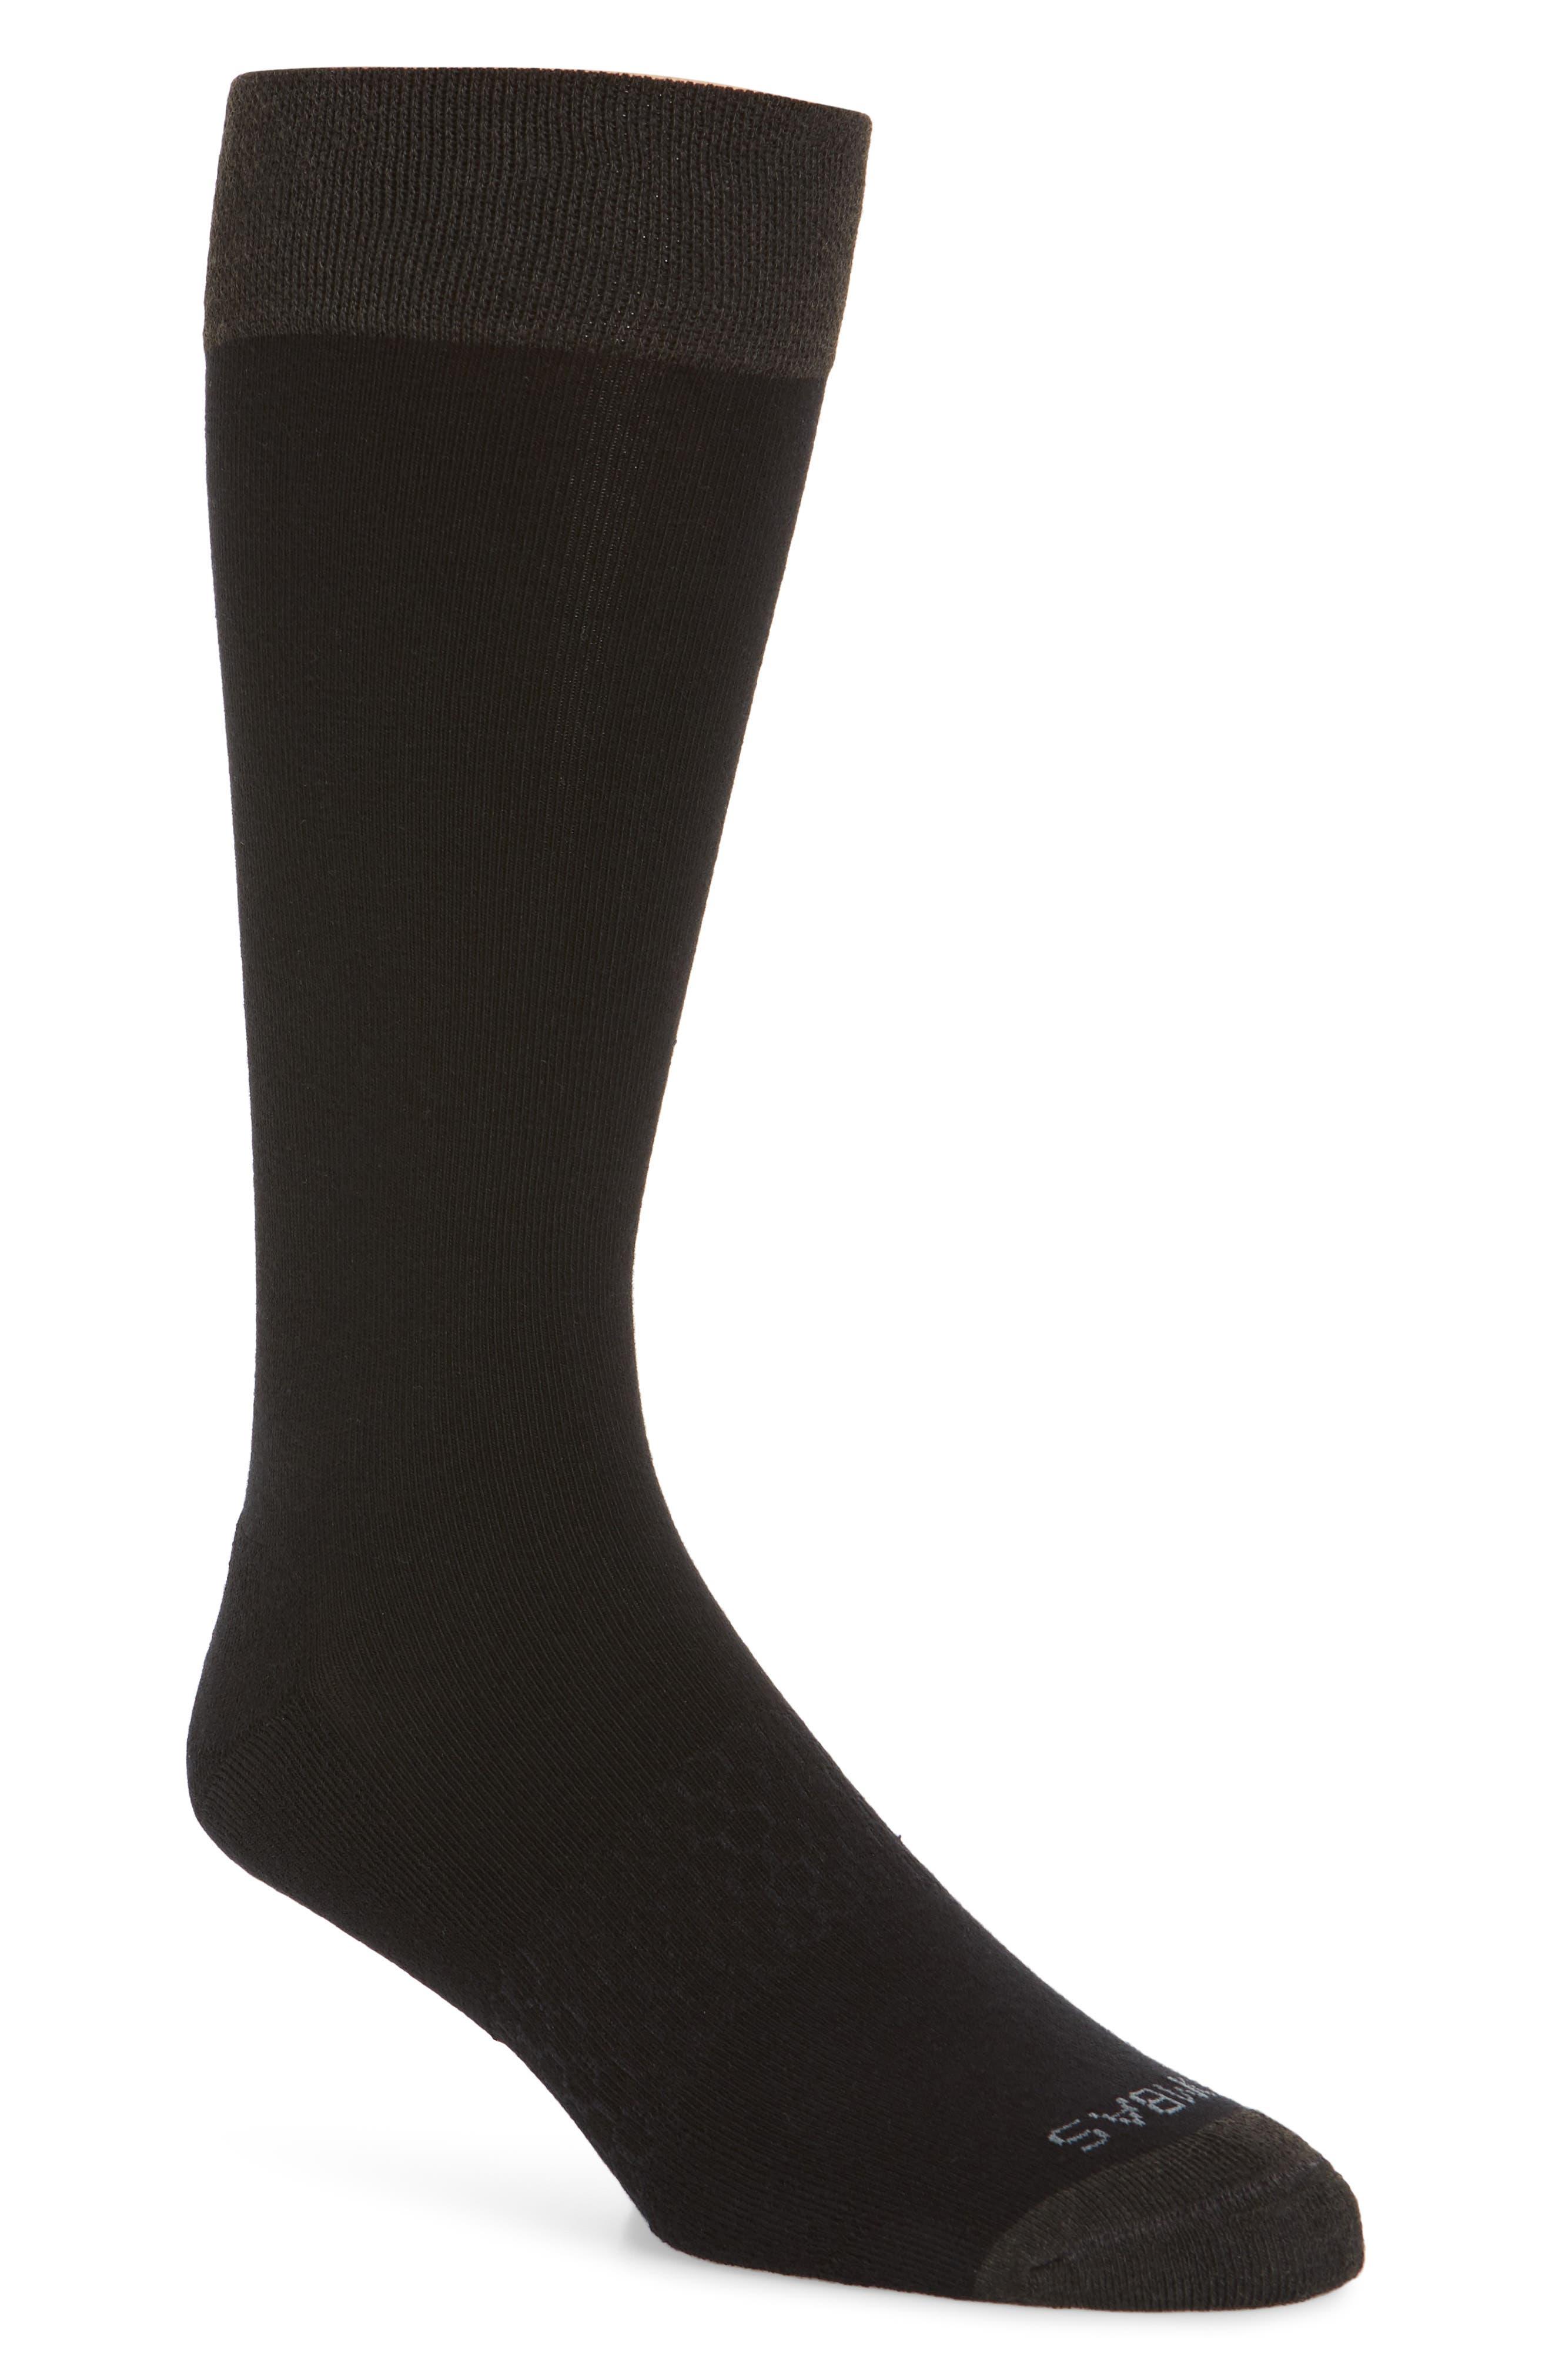 Solid Dress Socks,                             Main thumbnail 1, color,                             001